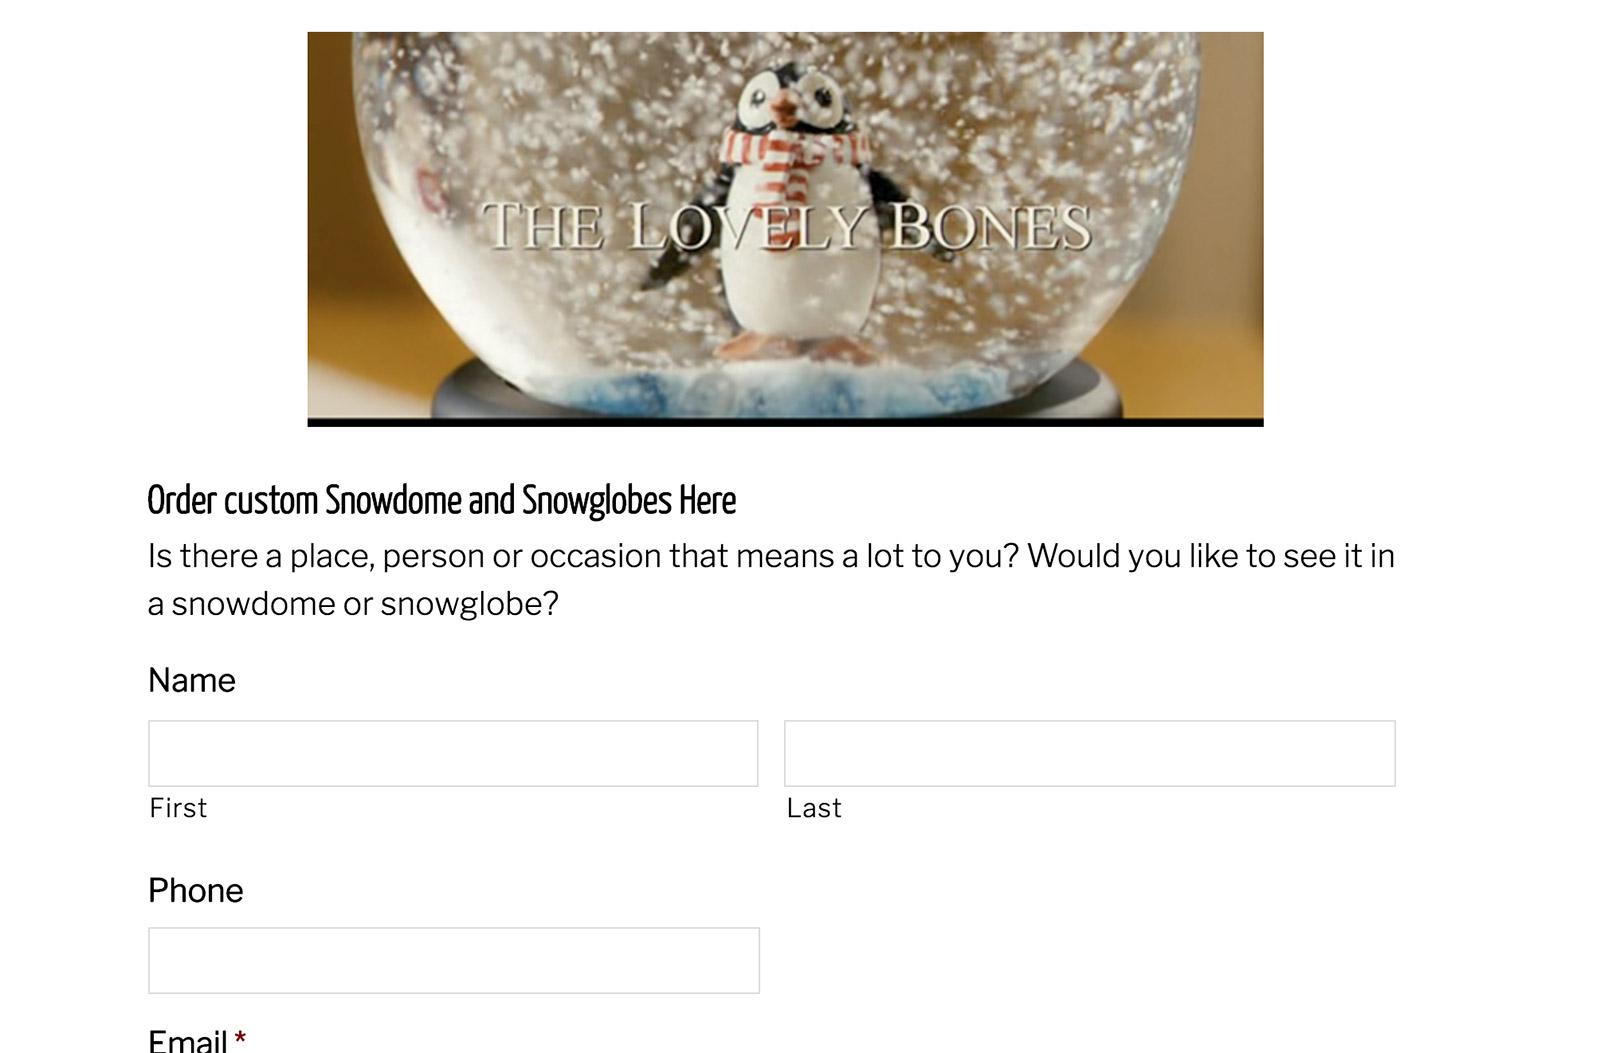 Custom-snowdomes.com Order Form